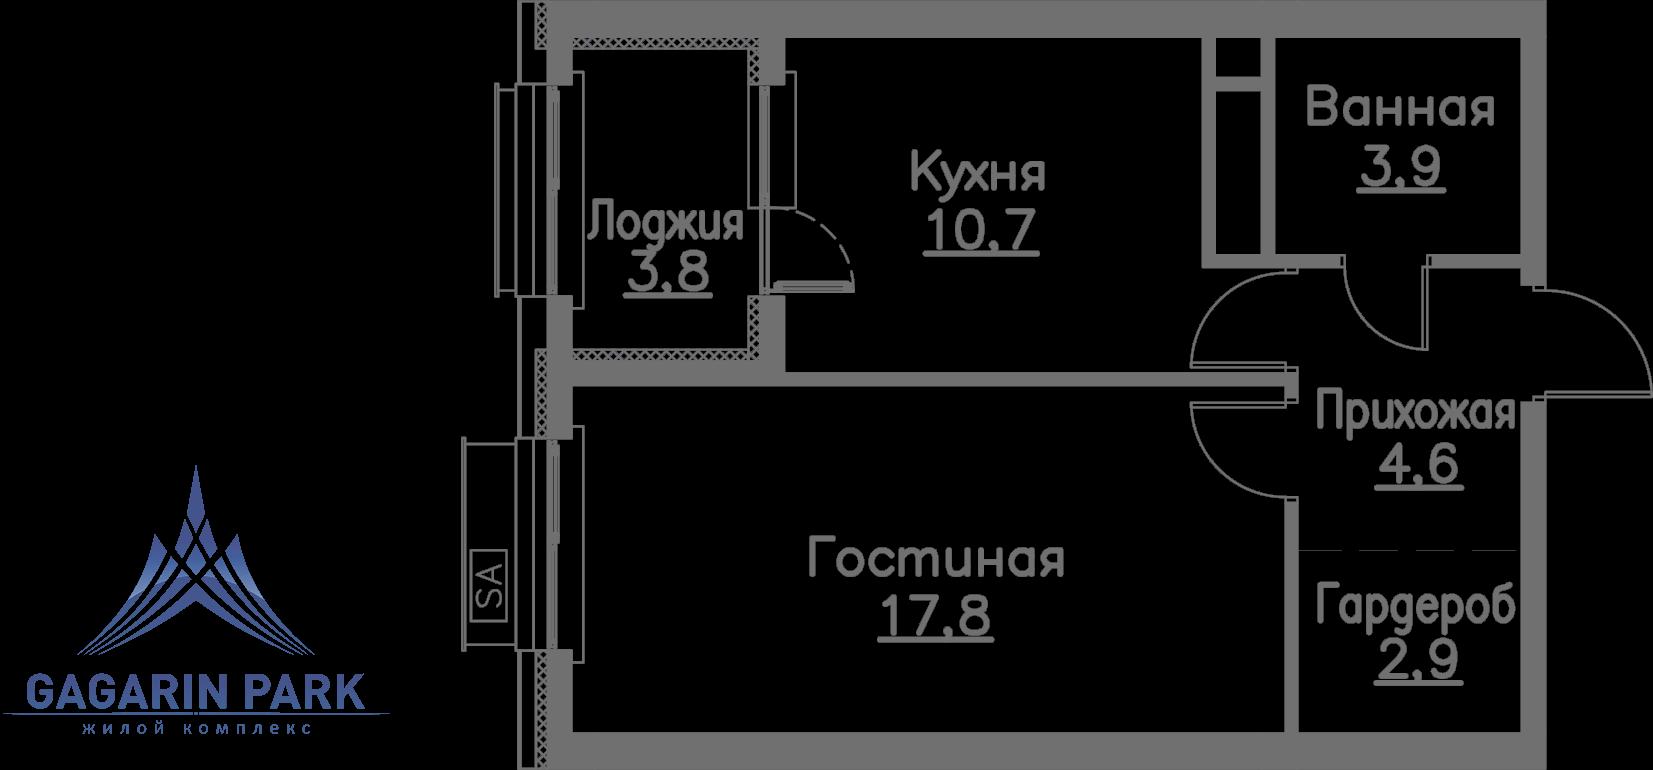 3 очередь, блок A, Квартира 10